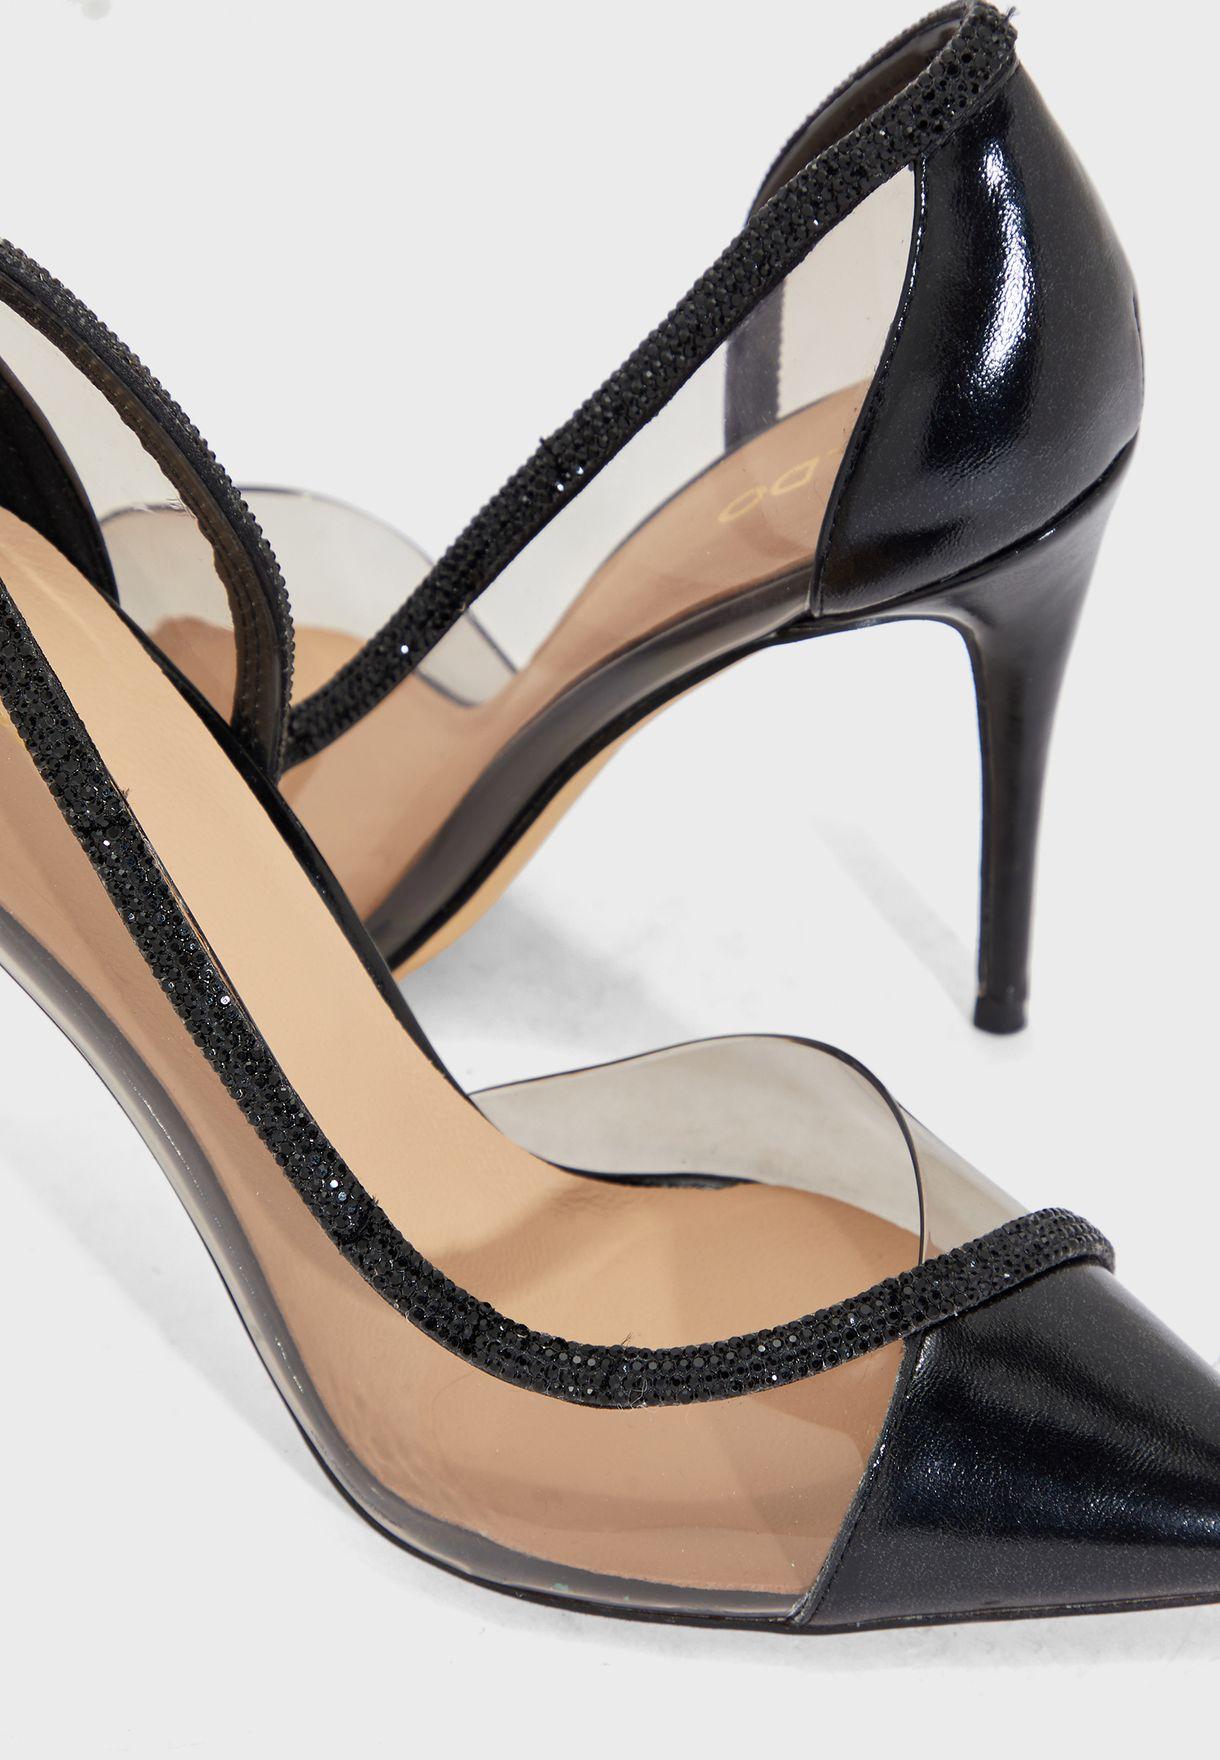 حذاء بكعب عالي ومزين باحجار لامعة